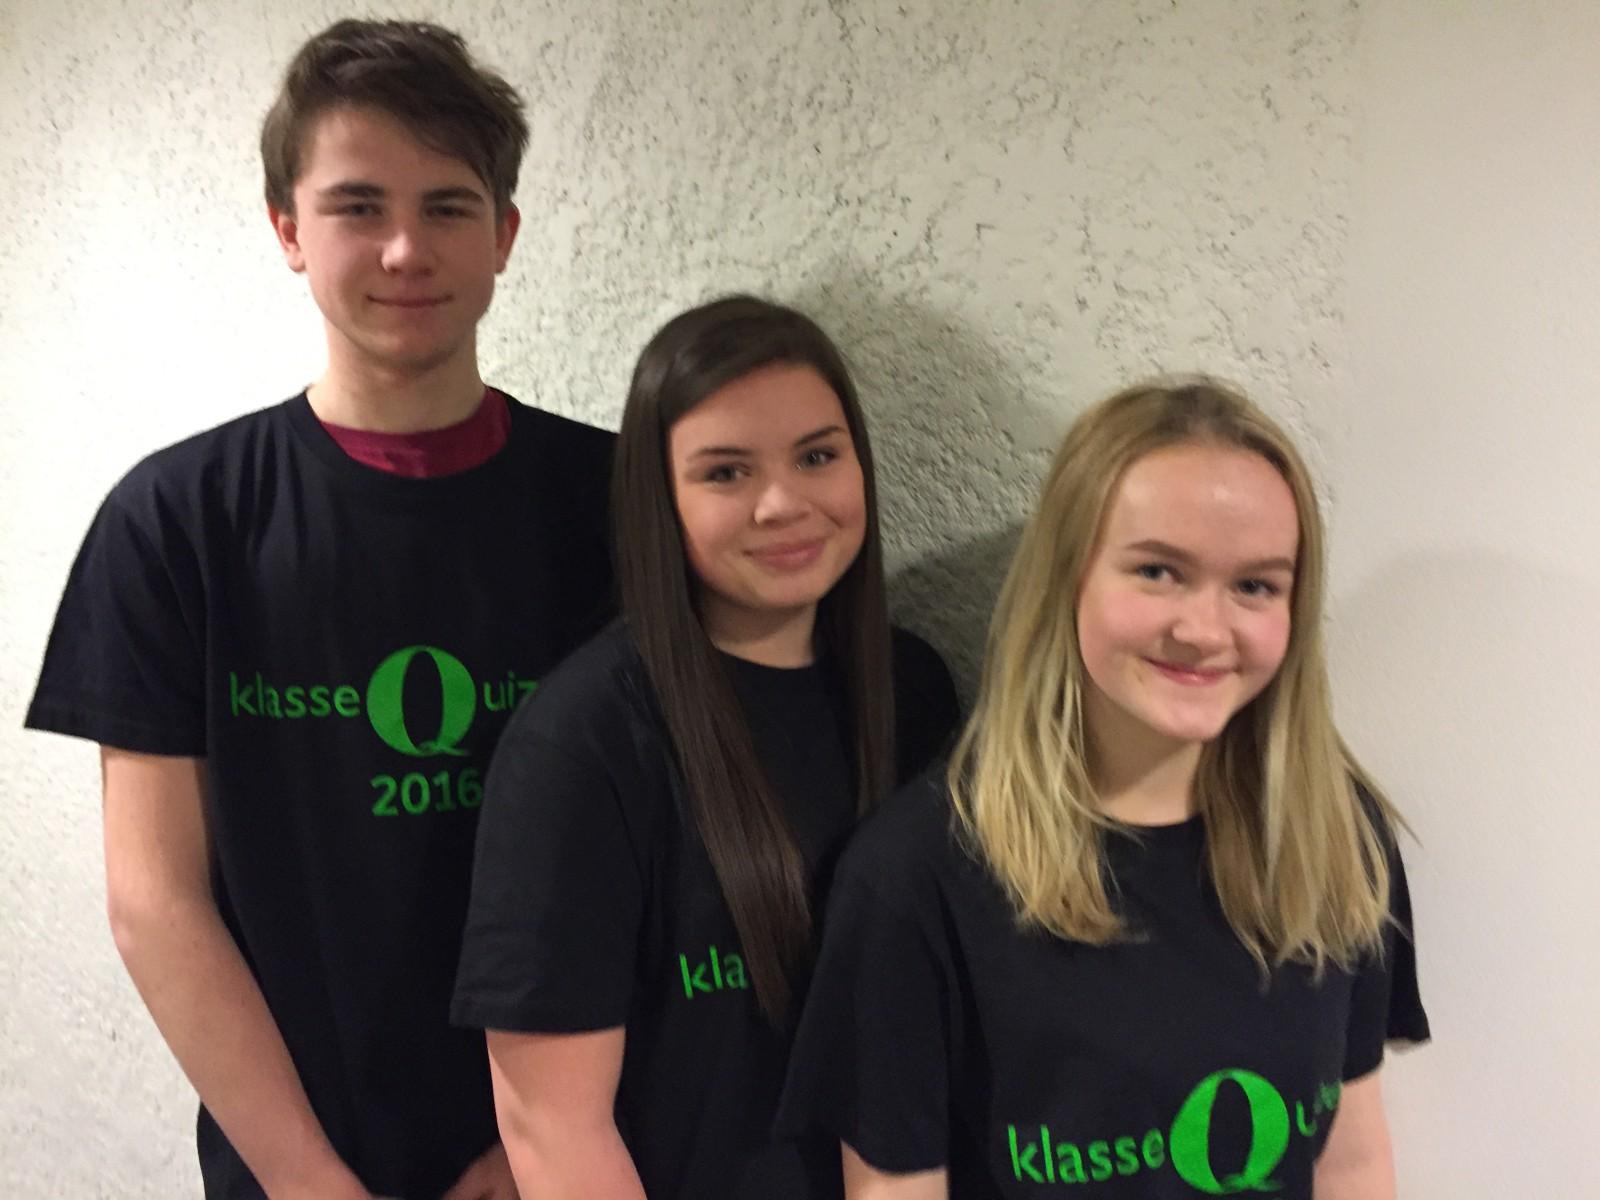 Hov skole fra Ålen fikk 8 poeng i Klassequizen.  Fra v. Oscar Håkensen, Elin Gjære og Ane Thorsvoll.